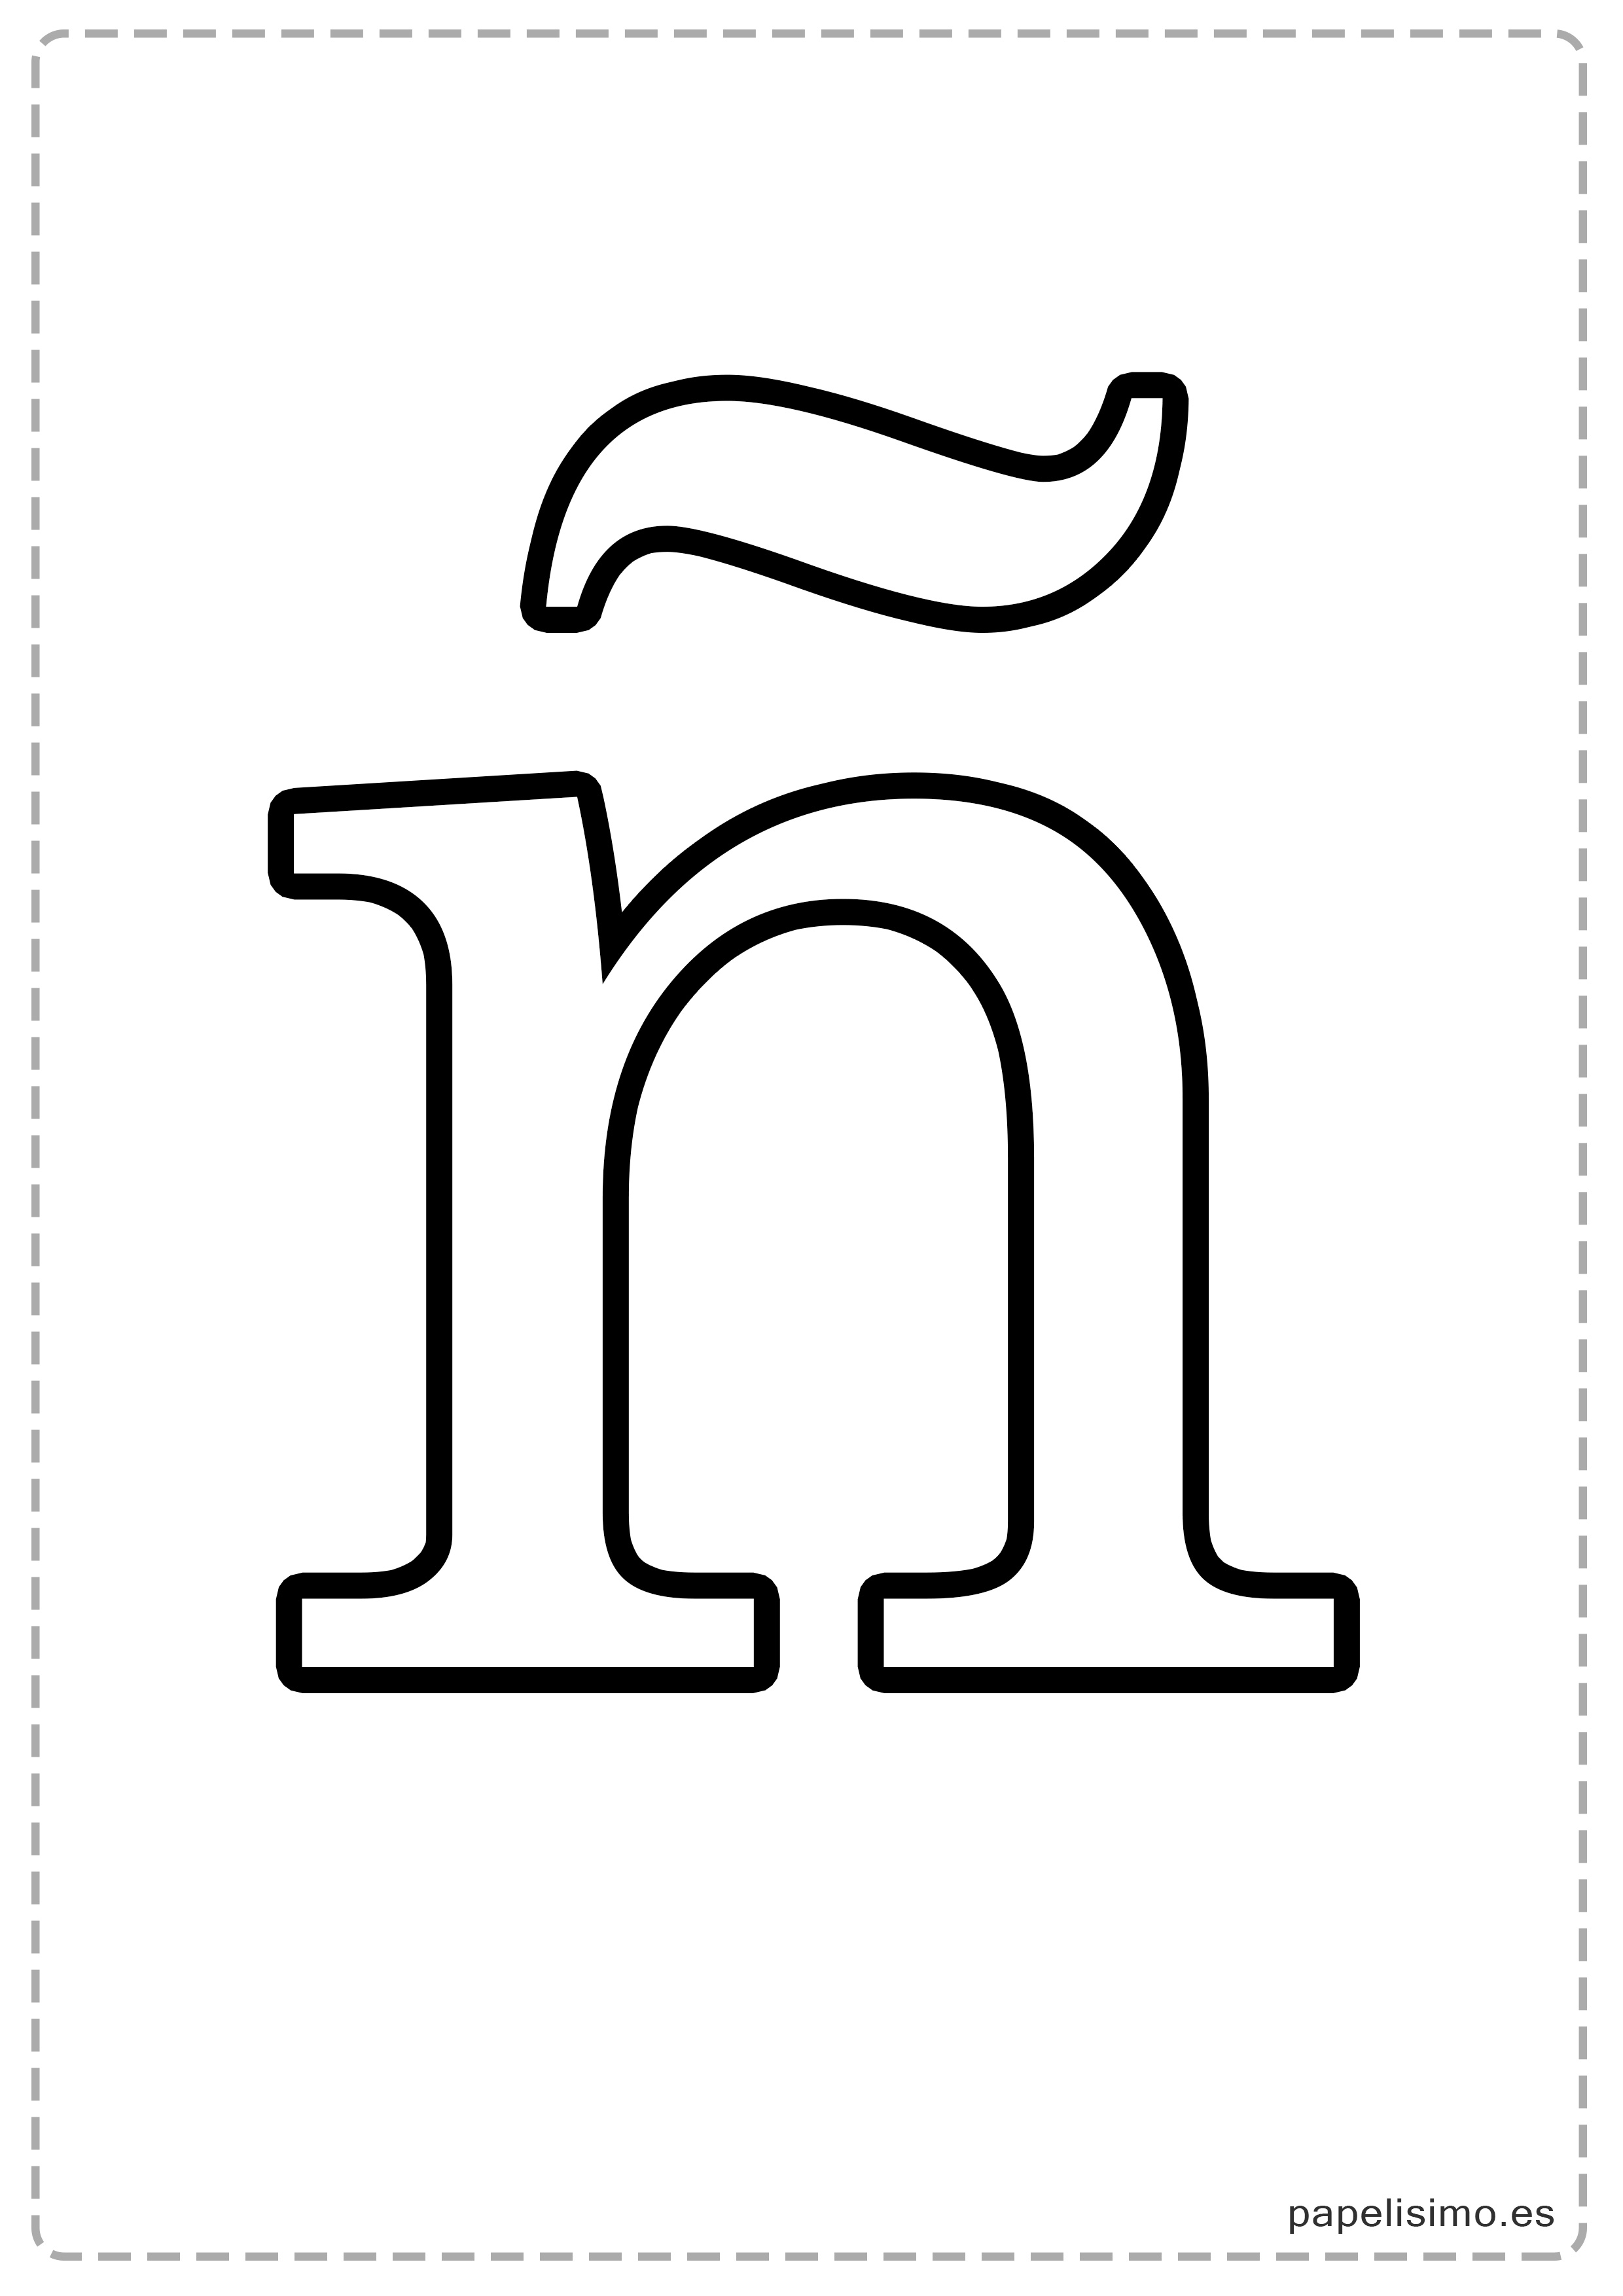 Letras Grandes Para Imprimir Minúsculas Papelisimo